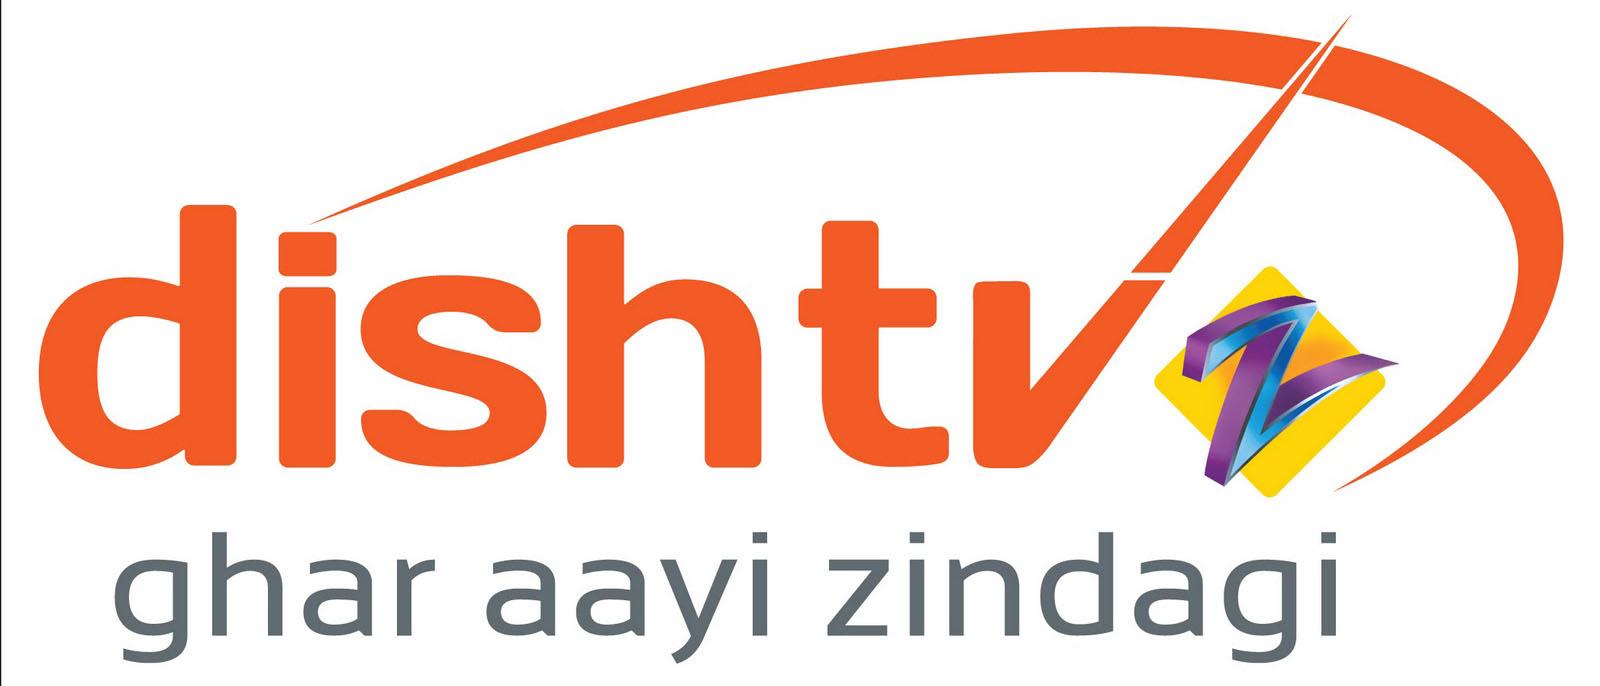 dish tv logo free indian logos